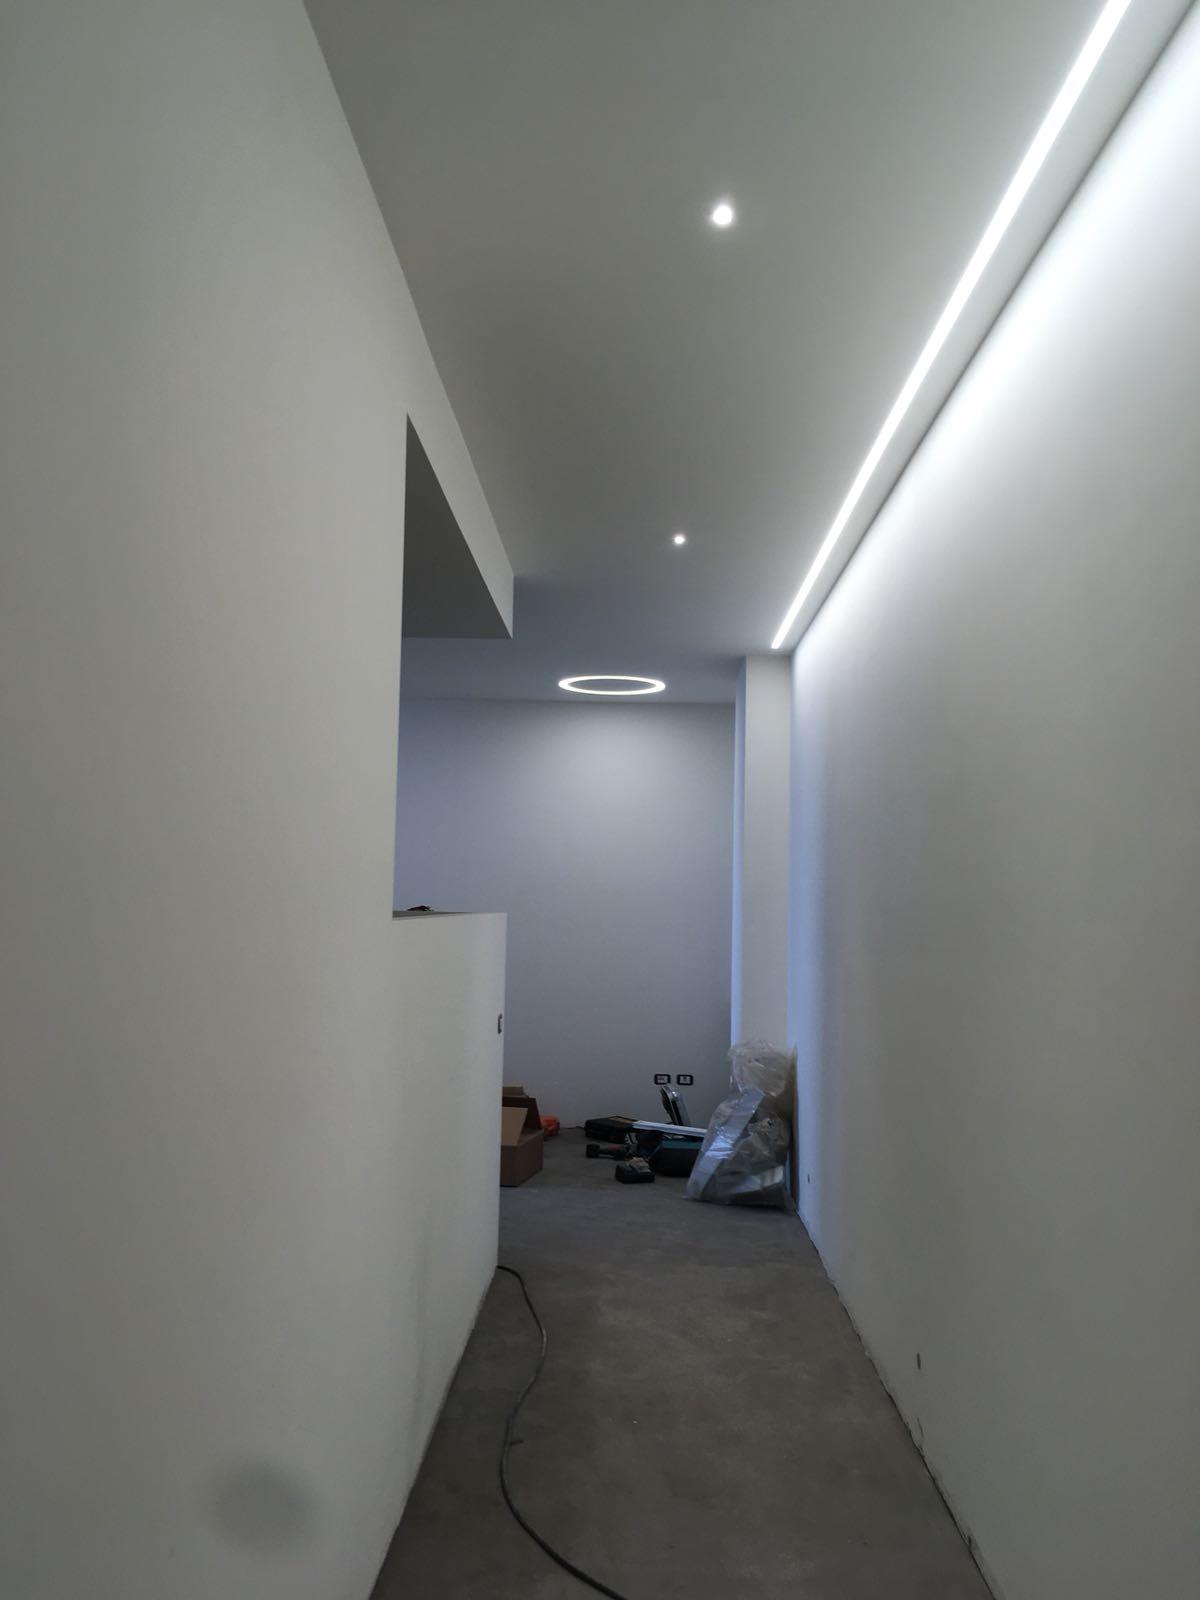 23. Illuminazione led a soffitto a lavori ultimati: lavori ultimati.